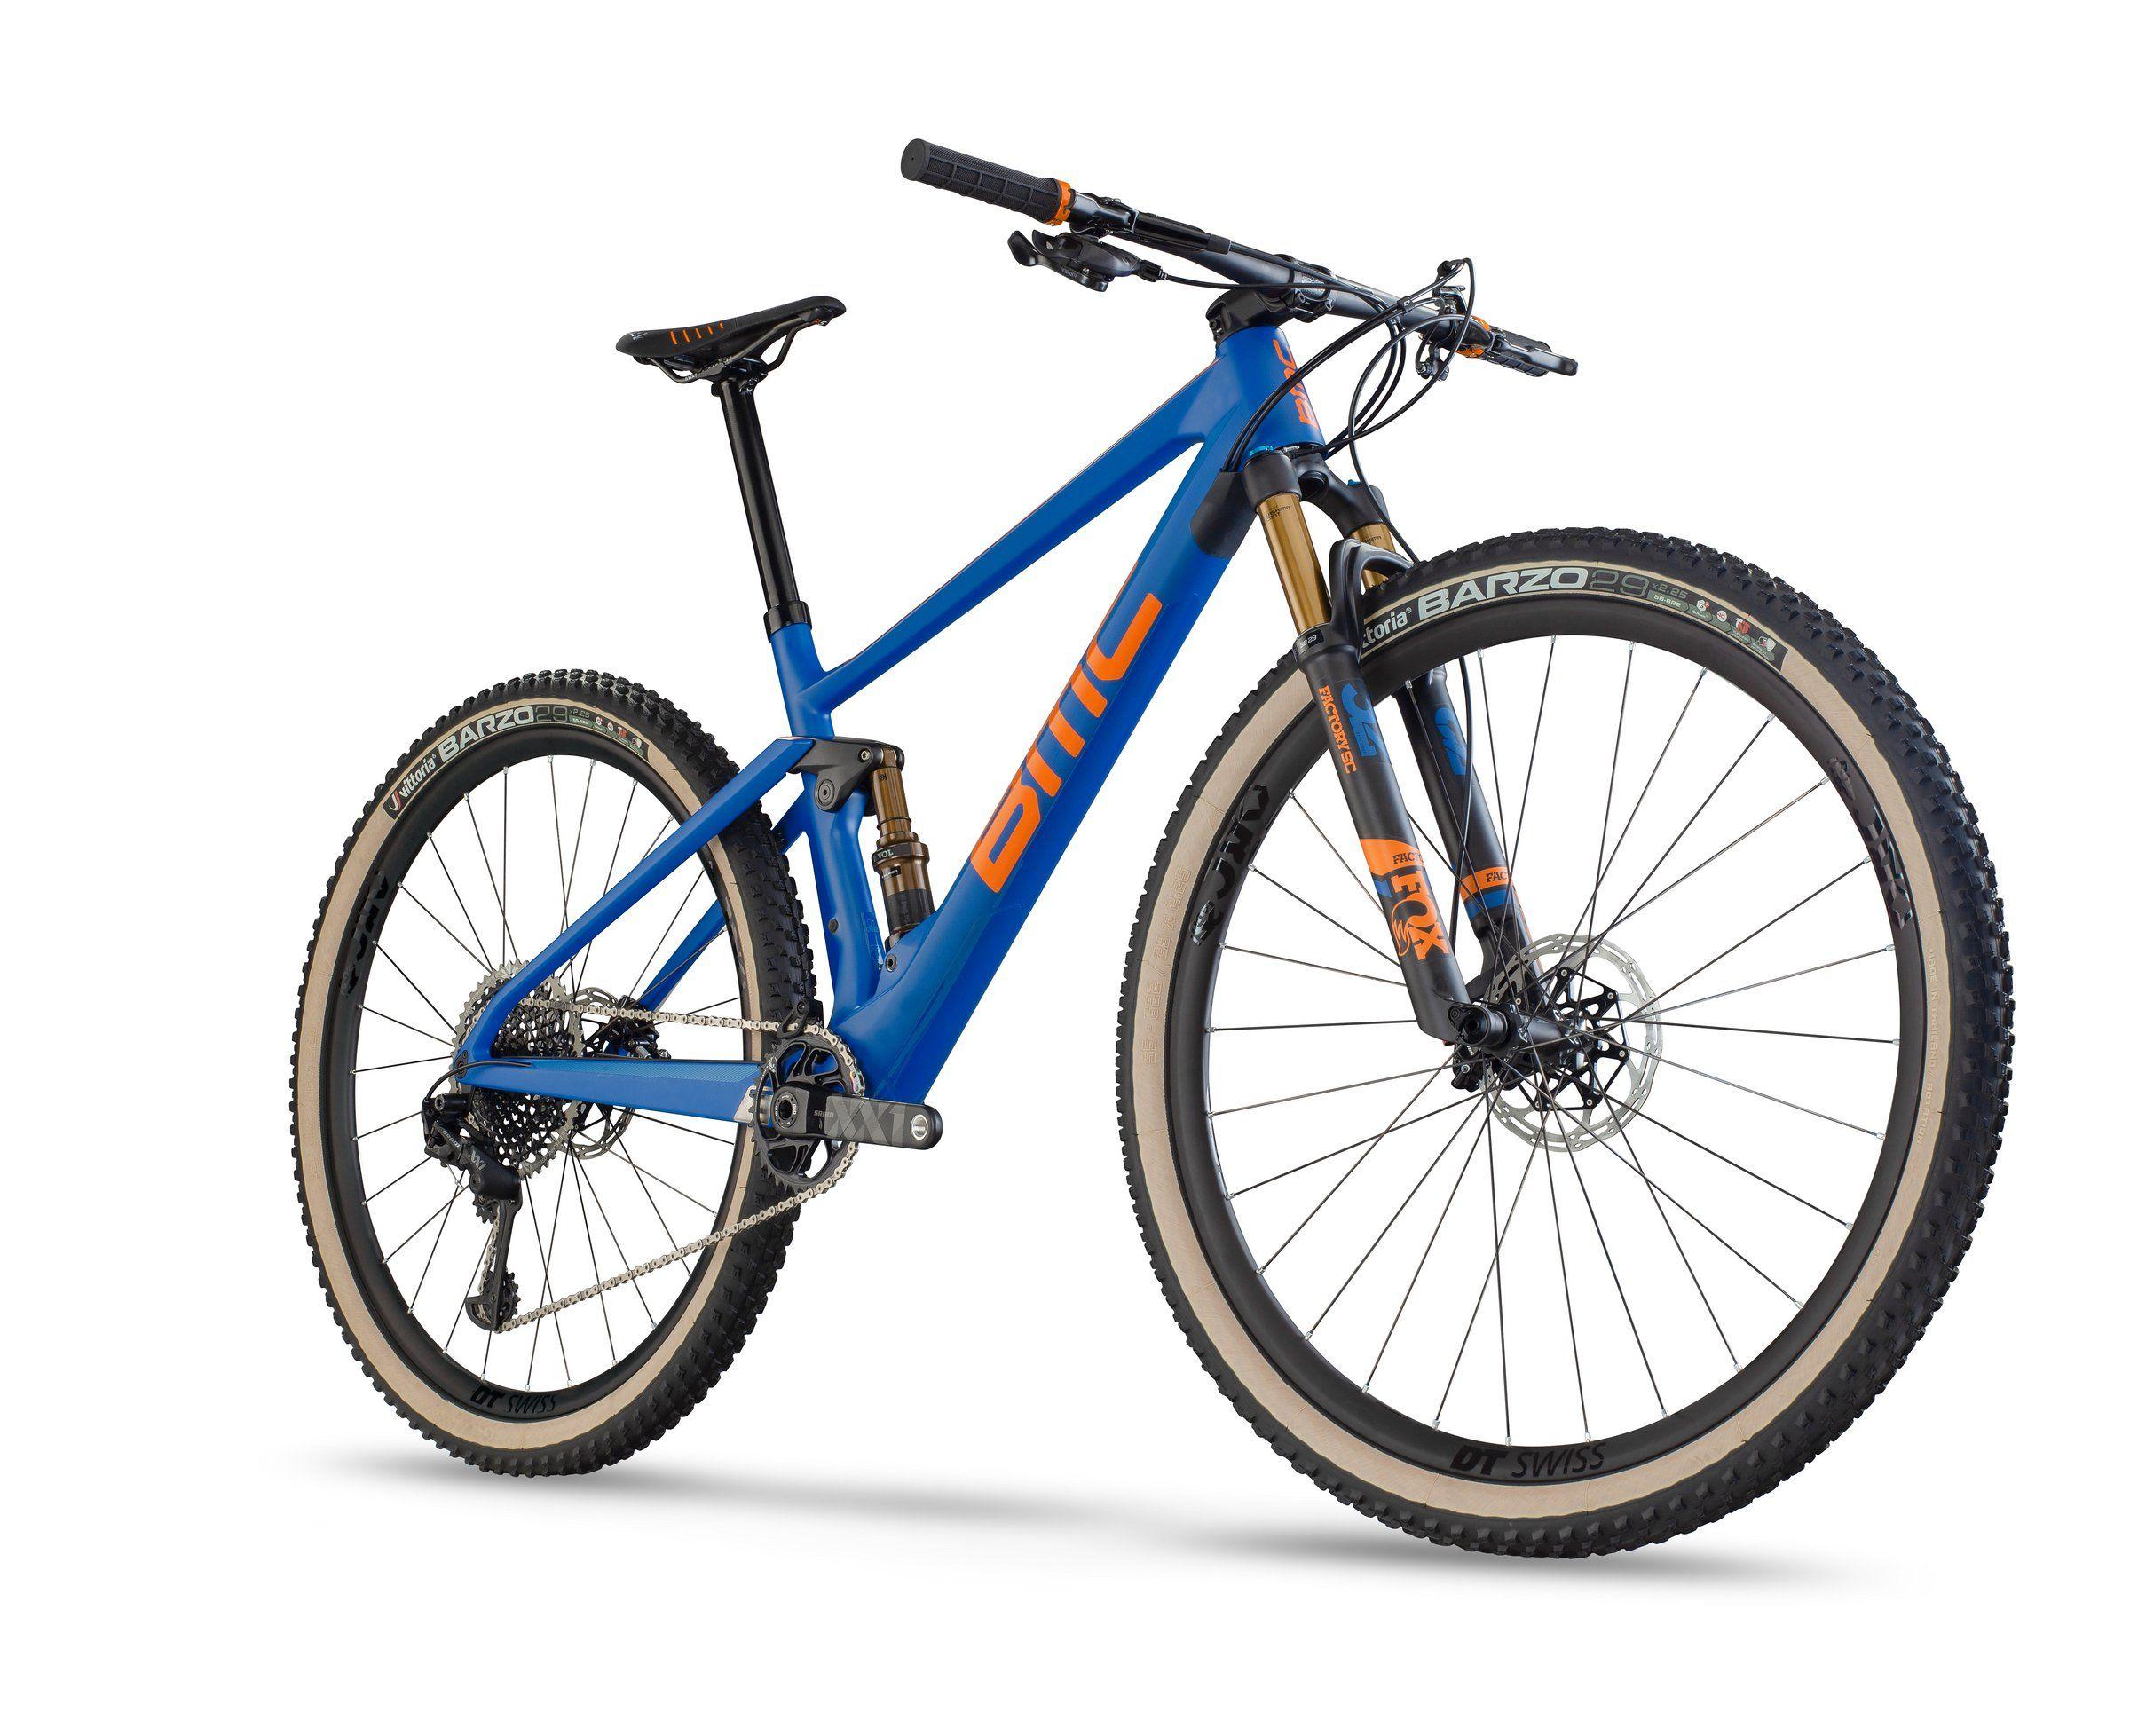 Neues Bmc Fourstroke 01 Steifer Leichter Schneller In 2020 Fahrrad Neue Wege Rad